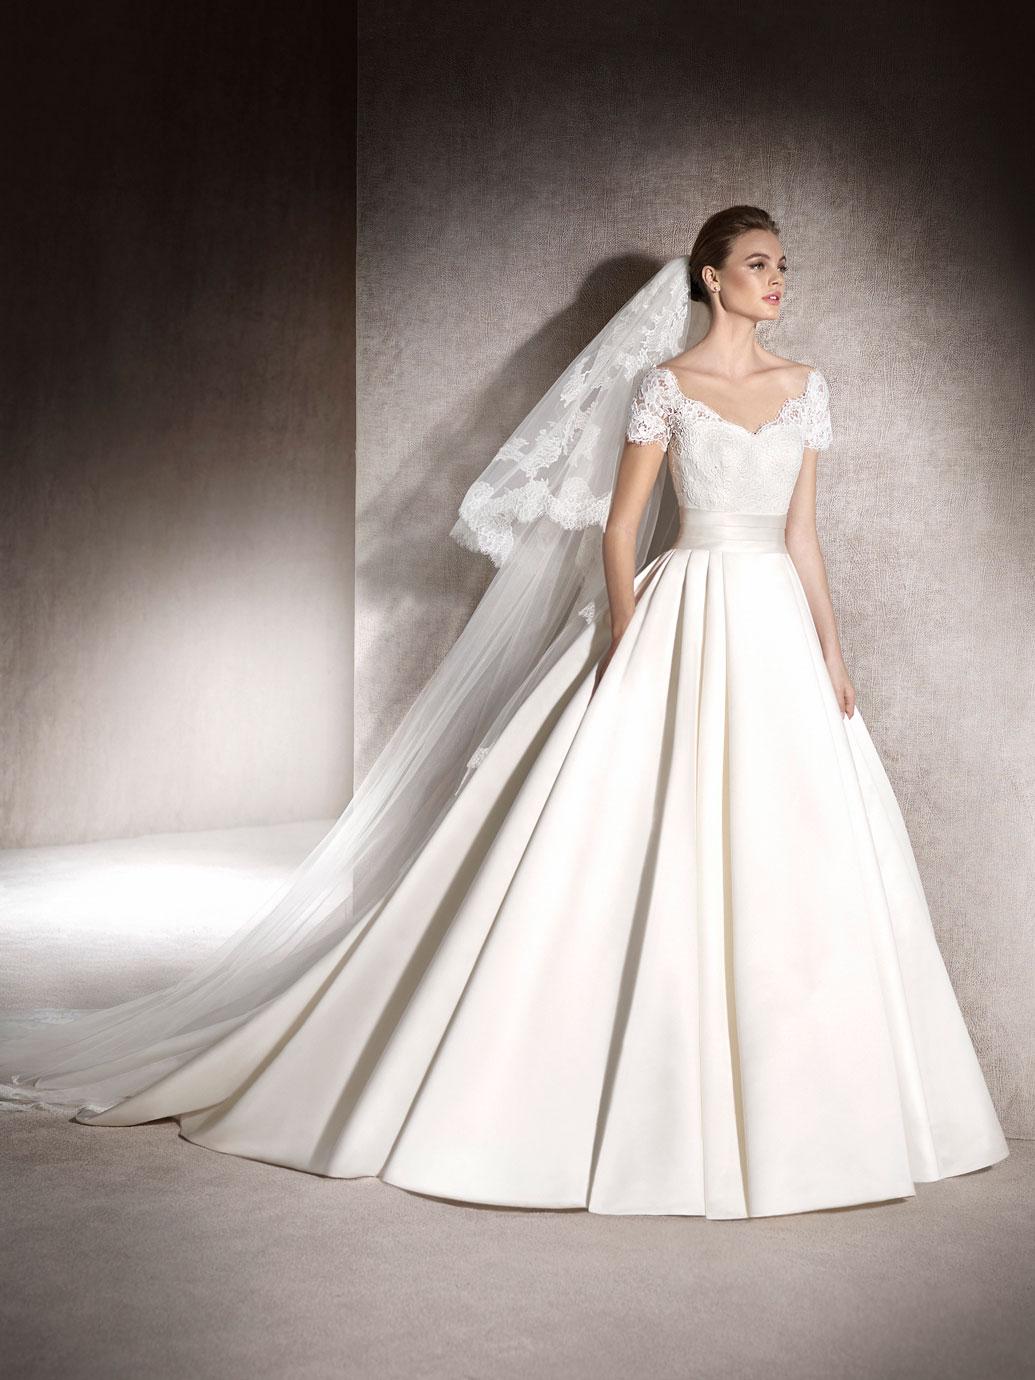 Schön Brautkleider Philadelphia Zeitgenössisch - Brautkleider Ideen ...